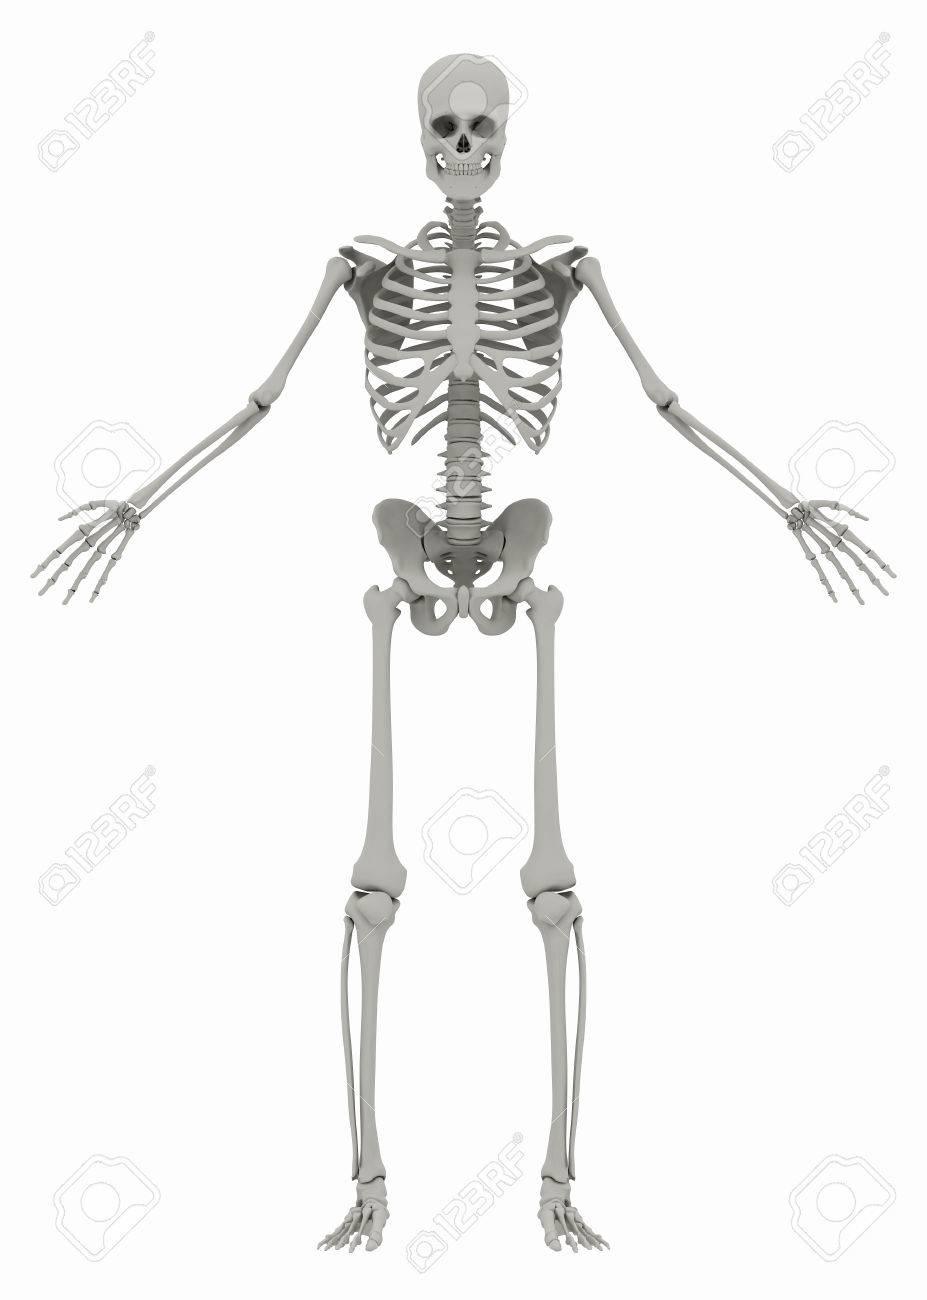 Le squelette humain (masculin) sur fond blanc. Image isolée sur fond blanc. f6028b52843